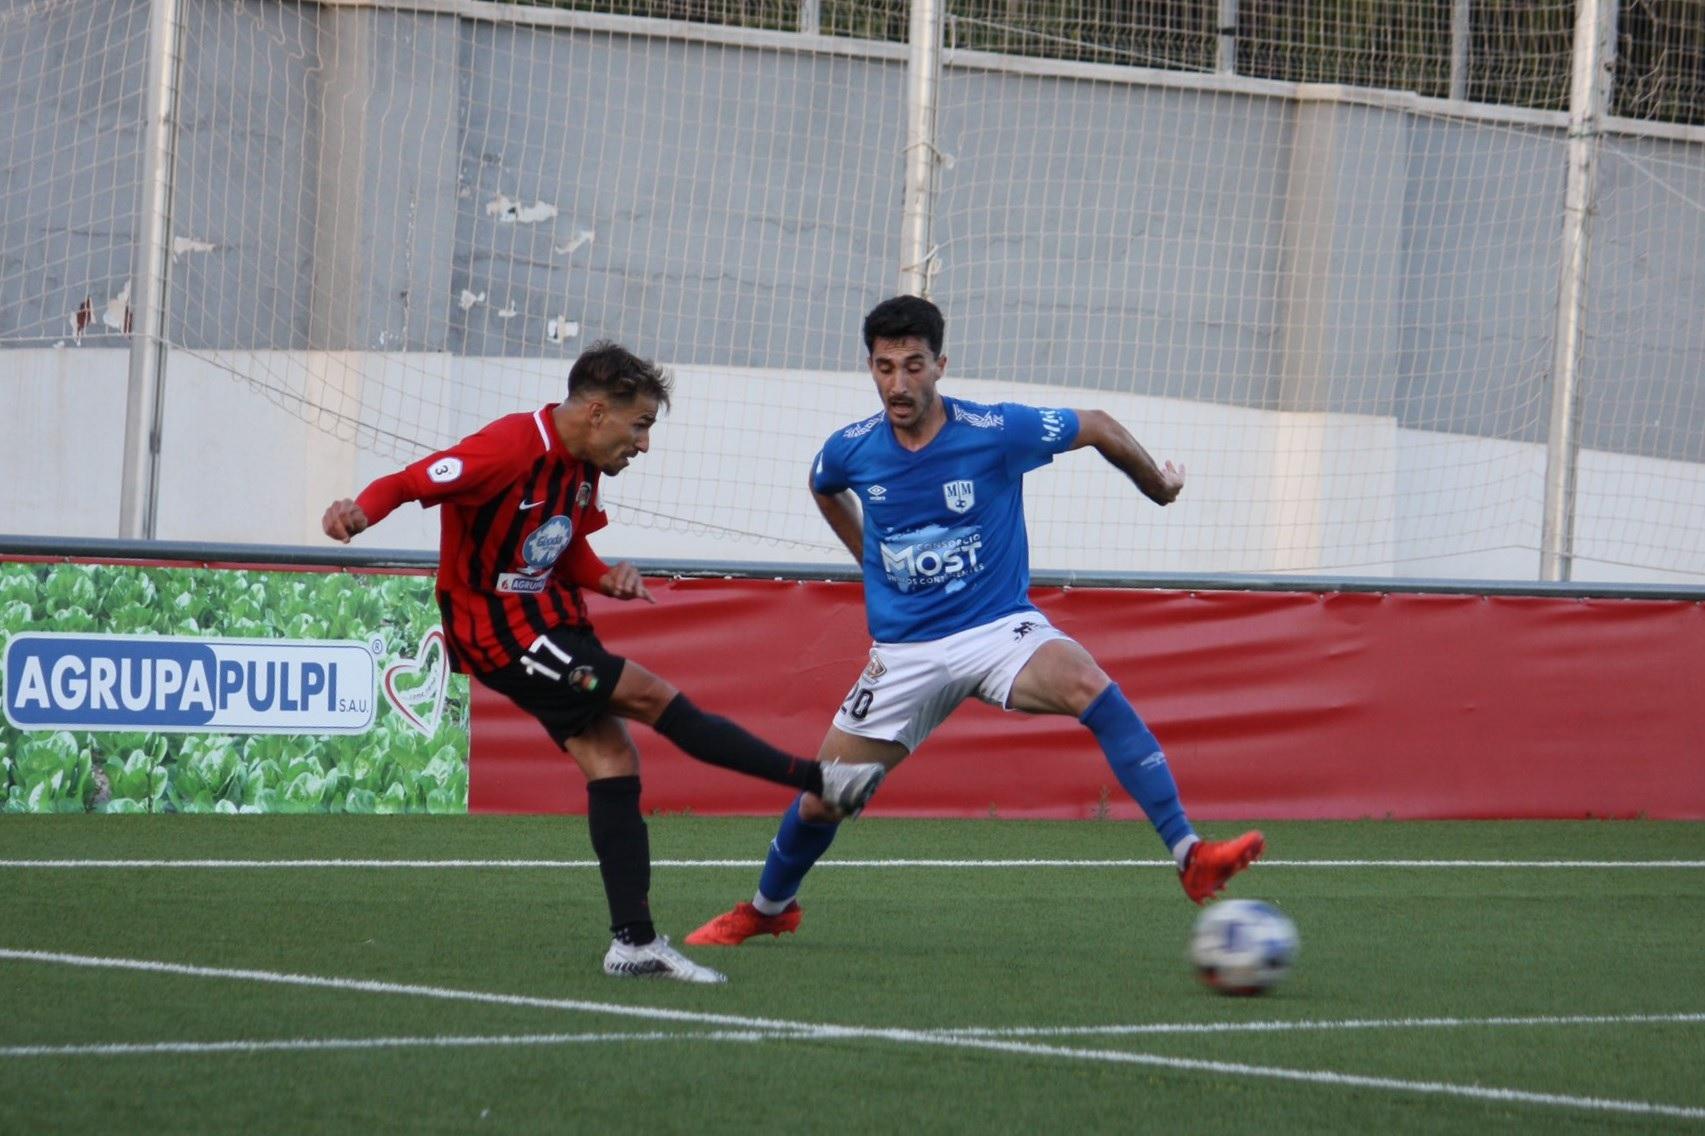 Atlético Pulpileño vs Mar Menor FC 3